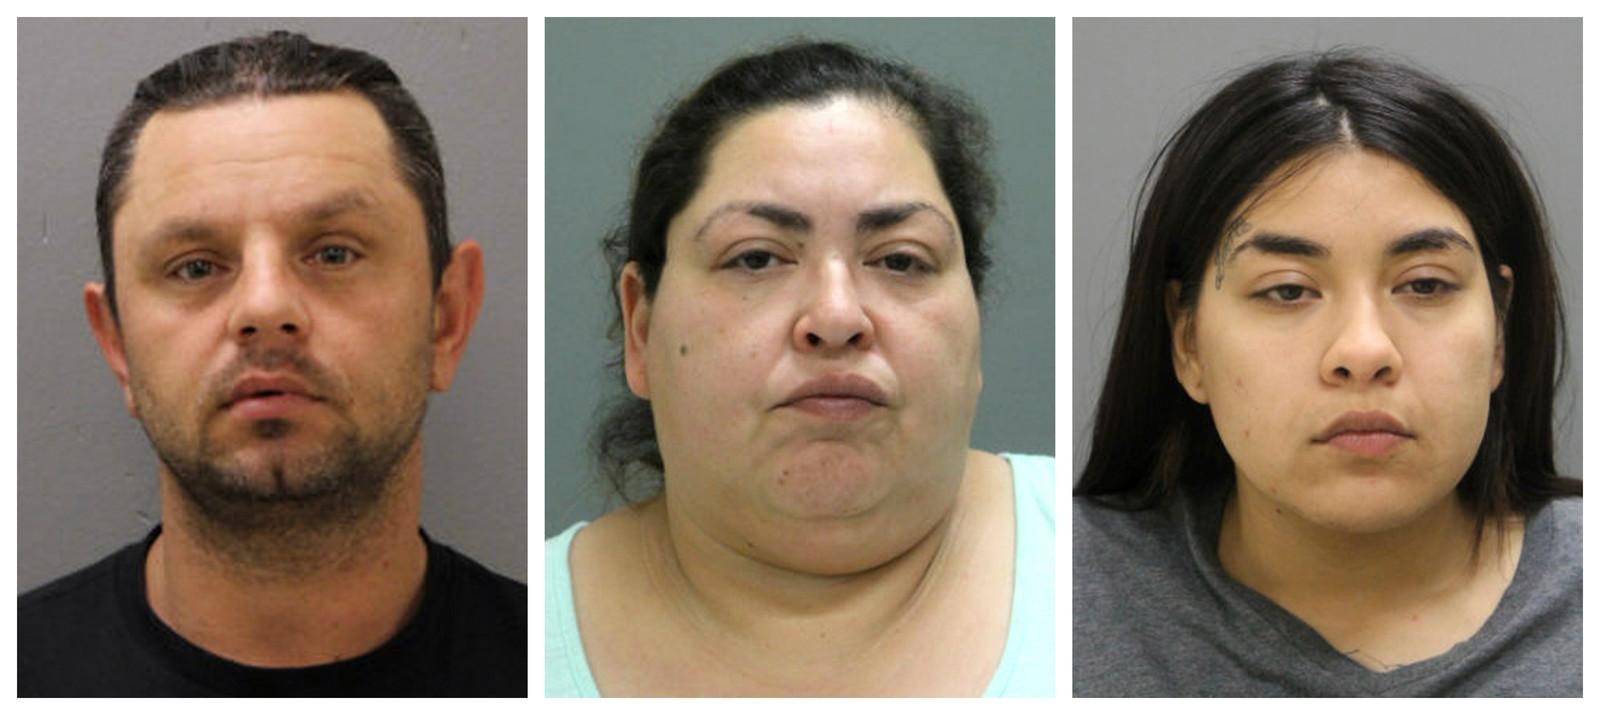 De drie aangehouden verdachten. Moeder Clarisa (46) en dochter Desiree Figueroa (24), en vriend Pioter Bobak (40).